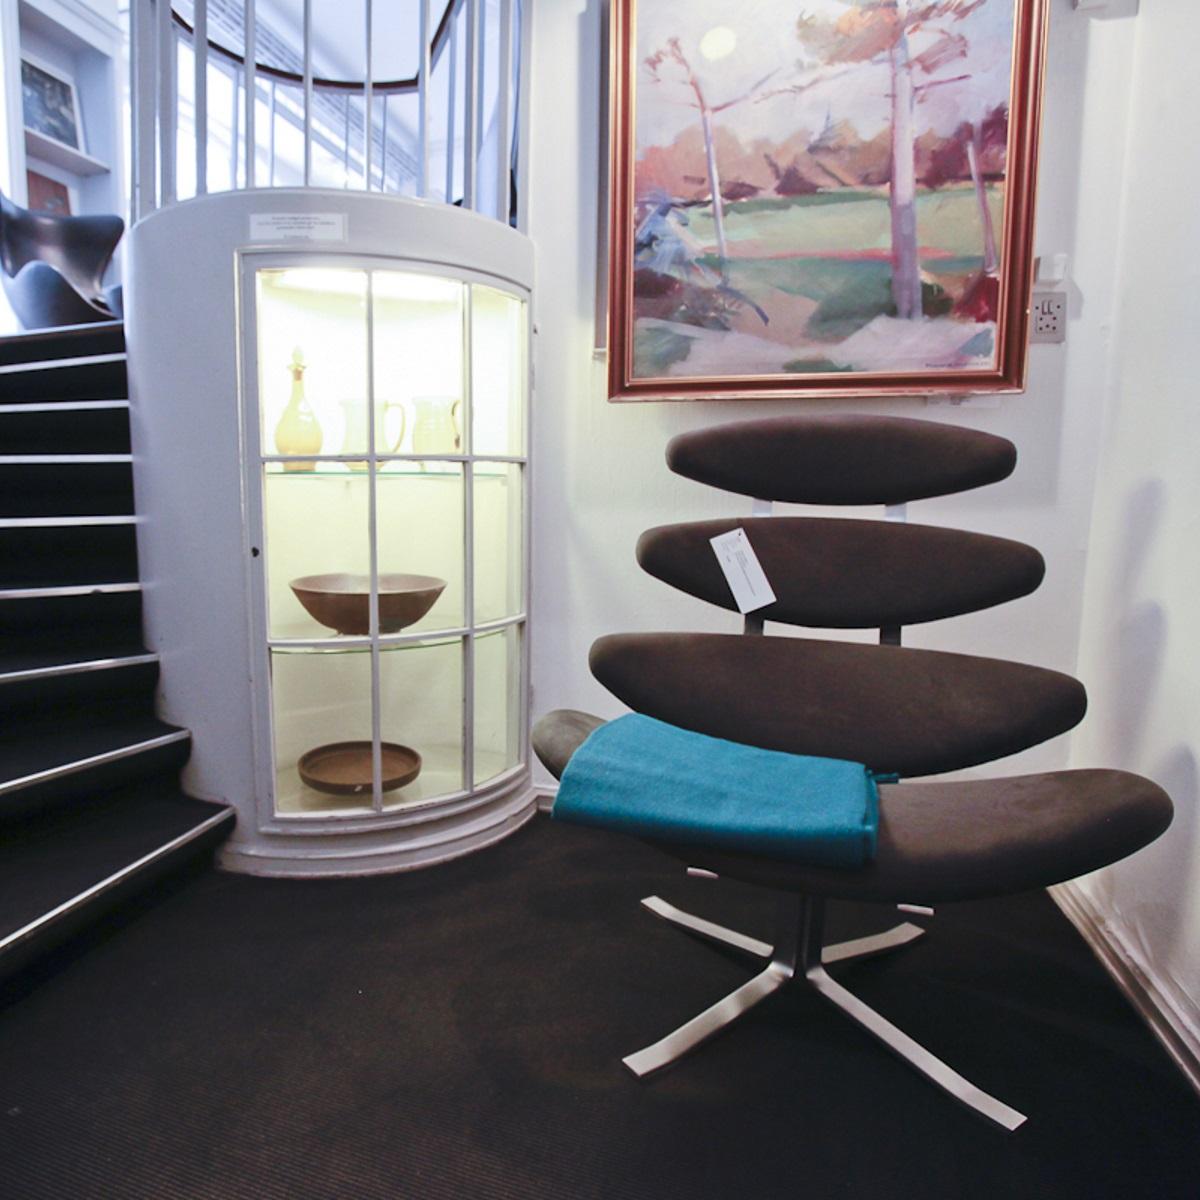 Klassik_Moderne Möbelkunst_Geschäft für Designklassiker in Kopenhagen_4